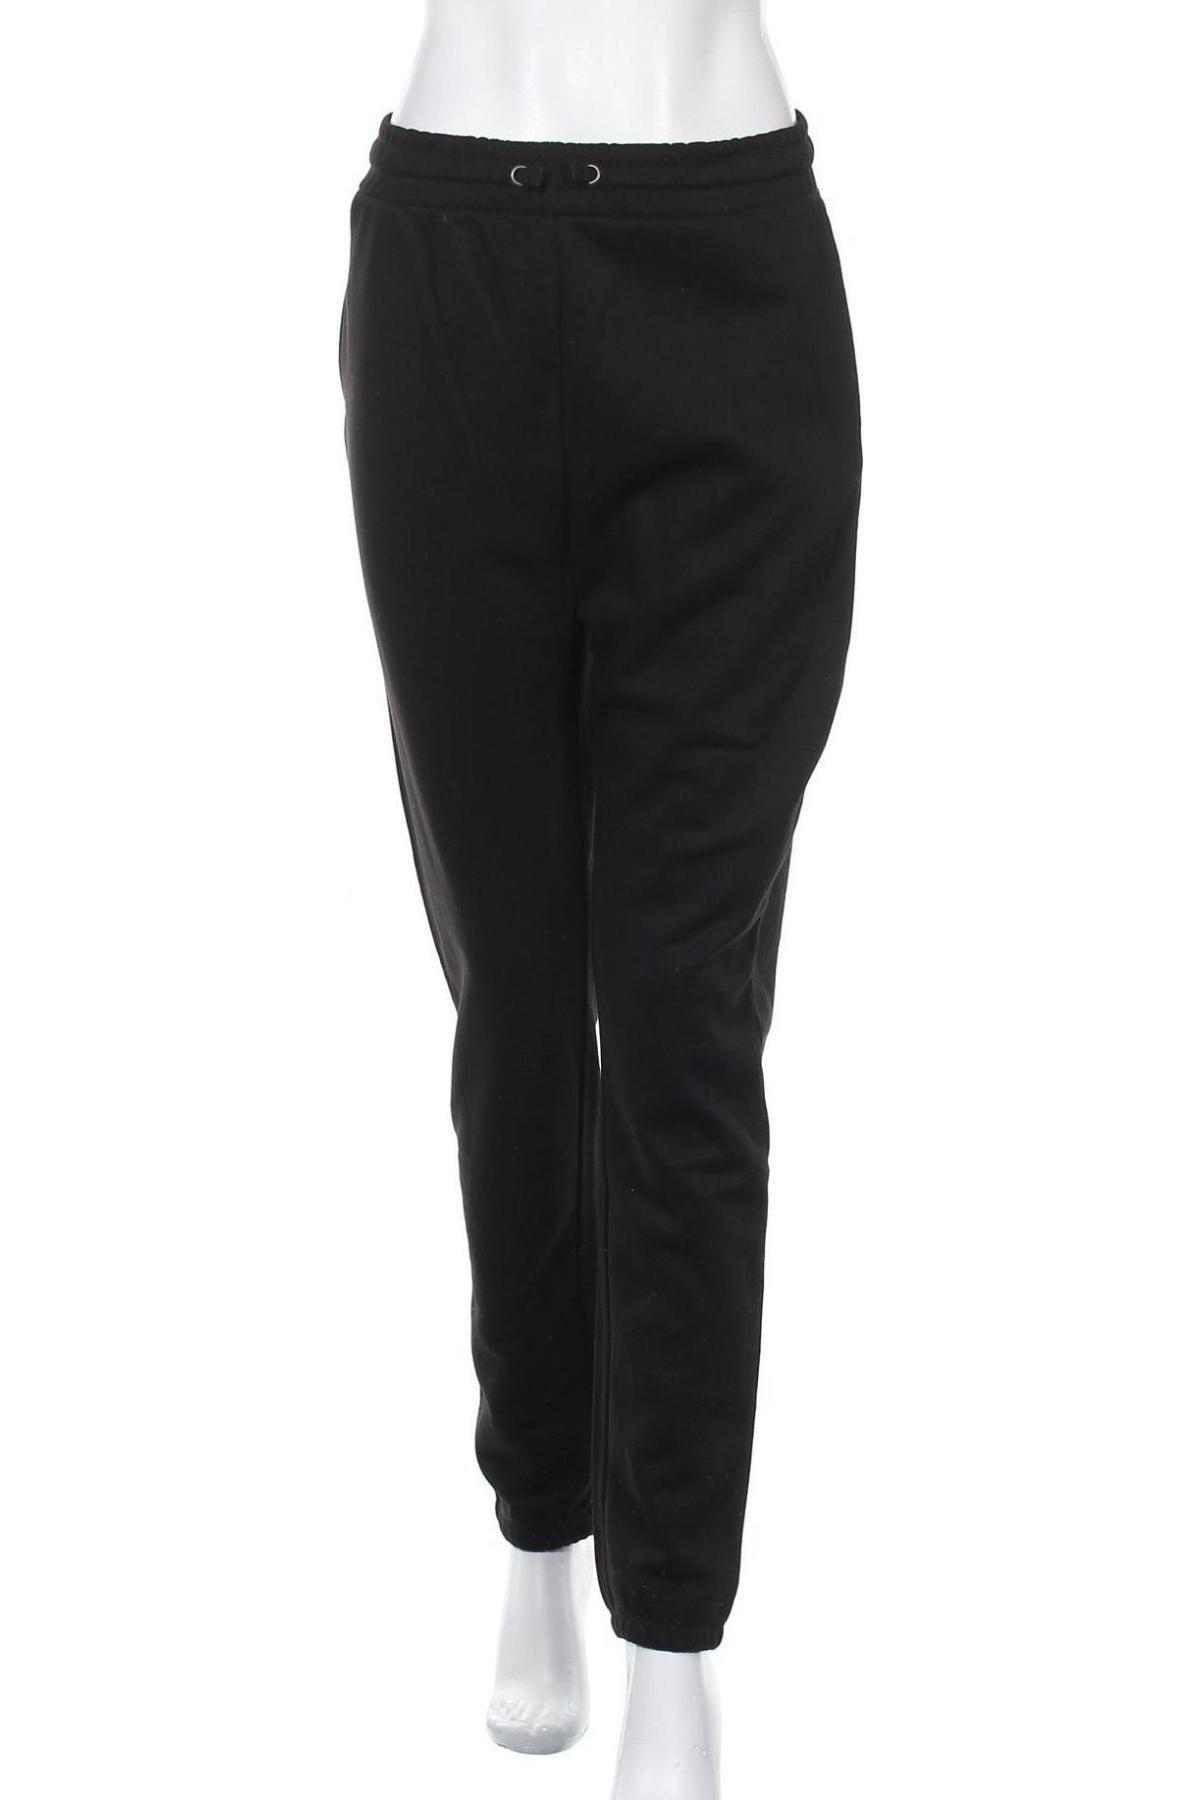 Γυναικείο αθλητικό παντελόνι Even&Odd, Μέγεθος M, Χρώμα Μαύρο, 50% βαμβάκι, 50% πολυεστέρας, Τιμή 14,69€